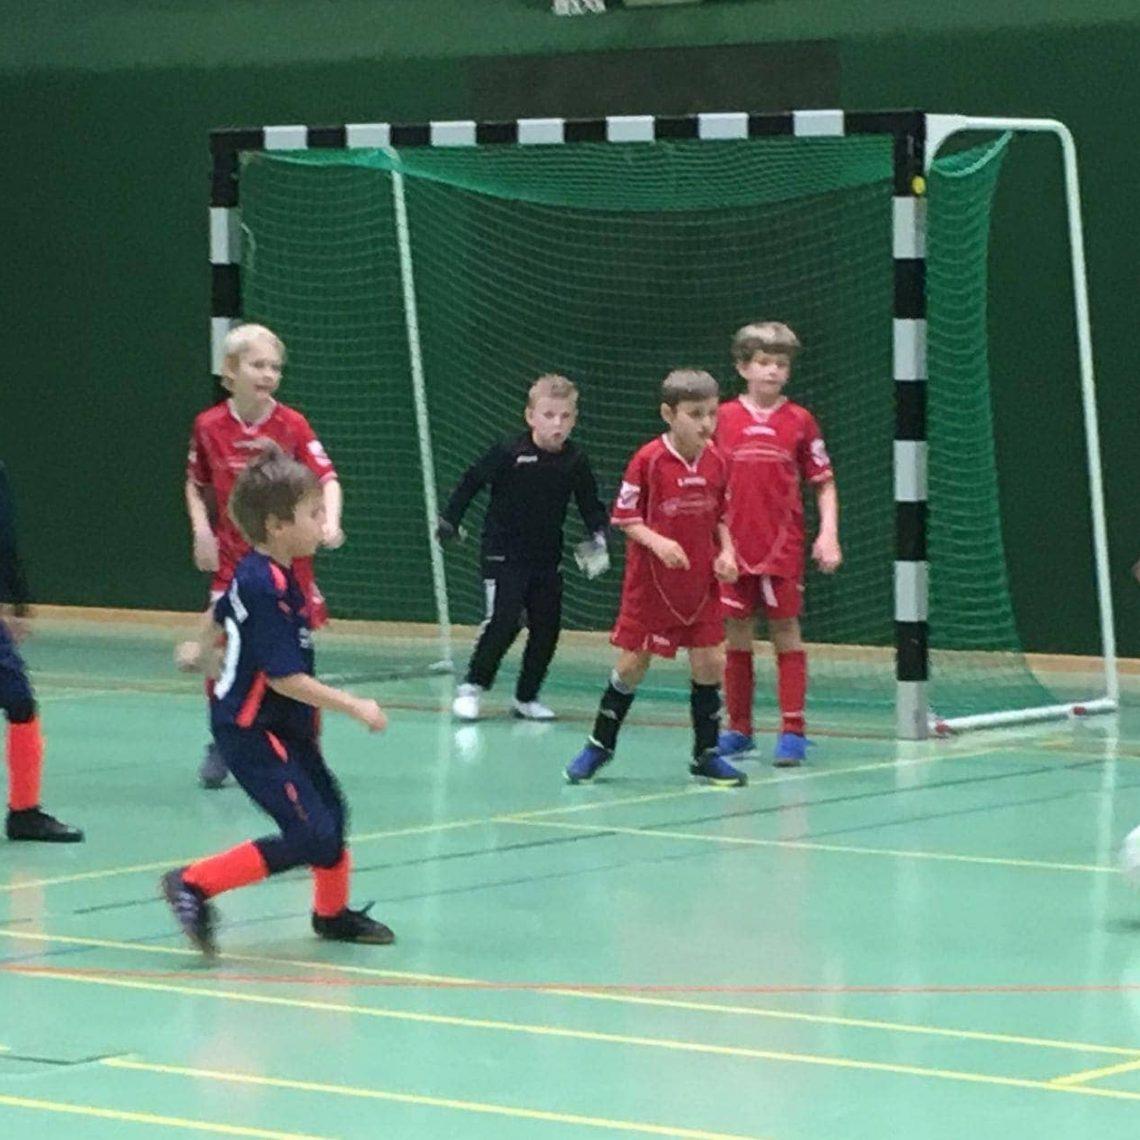 Regensburger Hallentage 2020 des SV Sallern in der Nordhalle Drei Tage Hallenfußball für Groß und Klein